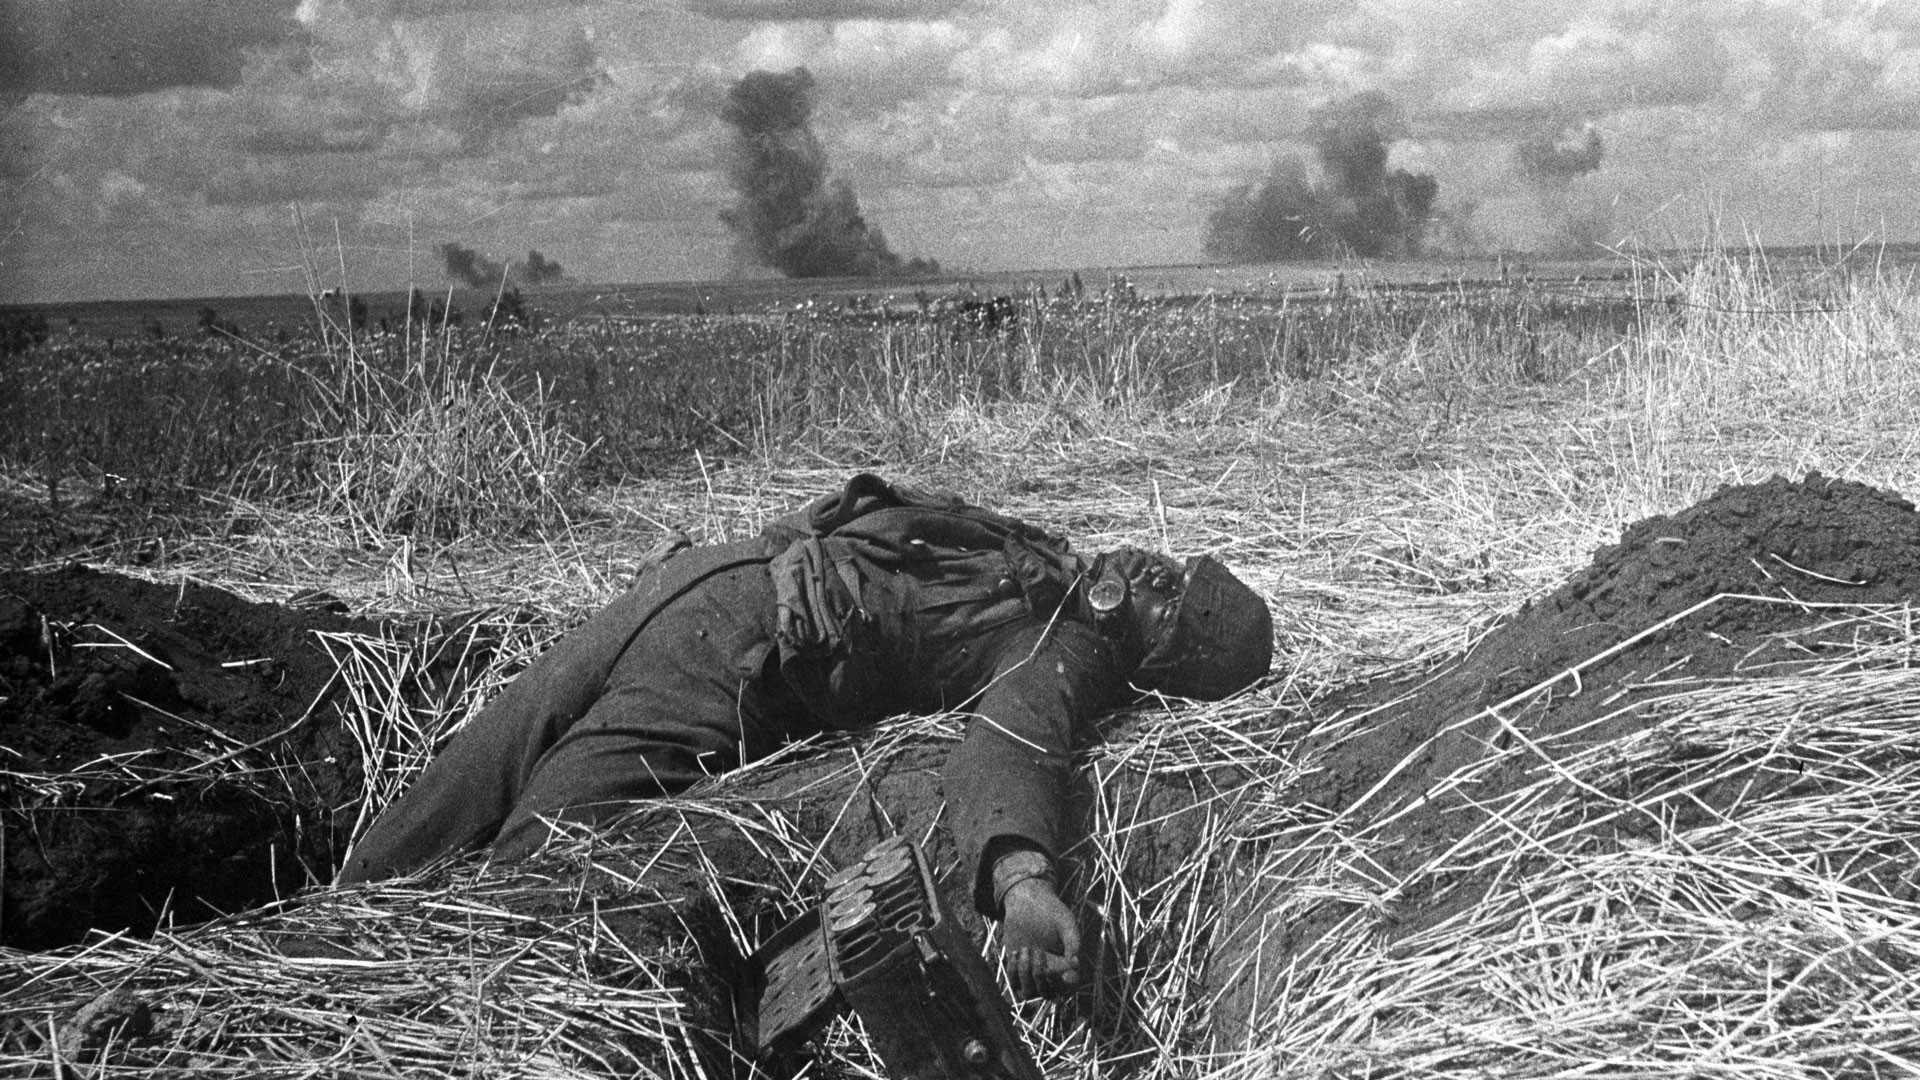 На поле боя убитый немецкий солдат. Фото: © РИА Новости / Александр Капустянский